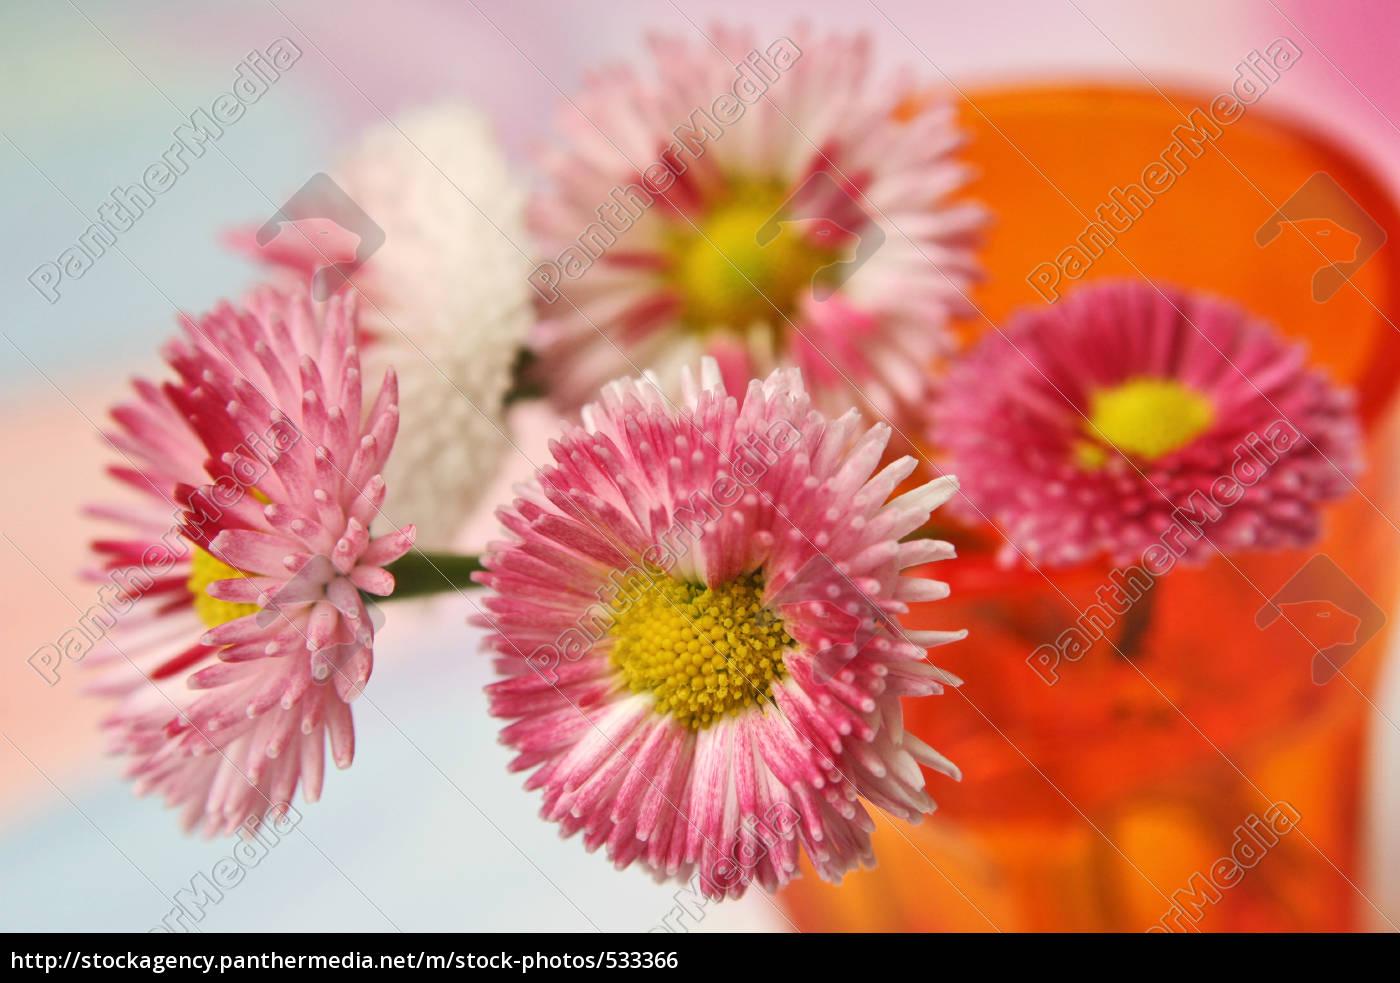 floral, still, life - 533366